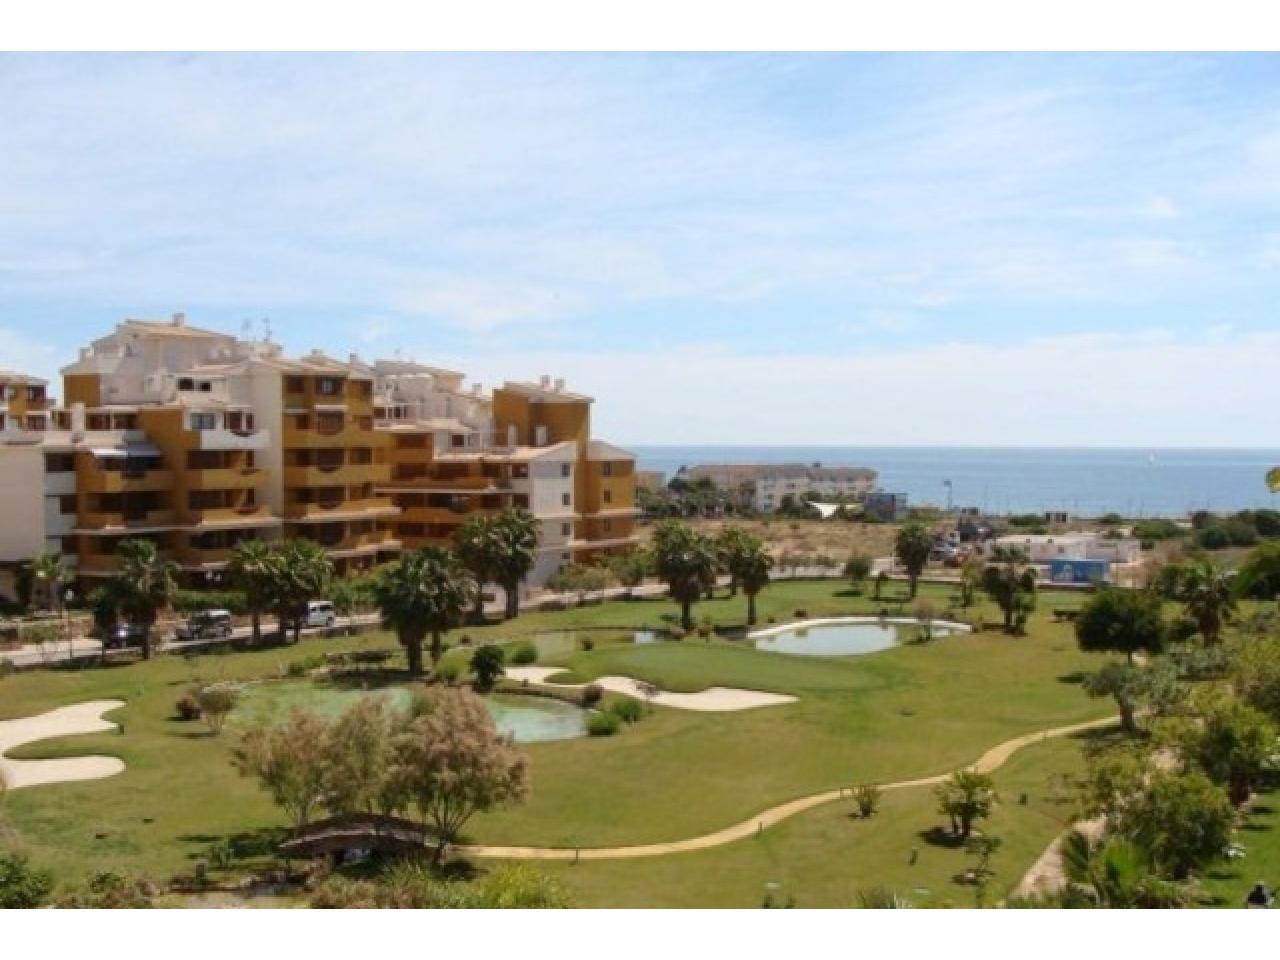 Недвижимость в Испании,Новая квартира на берегу моря от застройщика в Торревьехе - 1